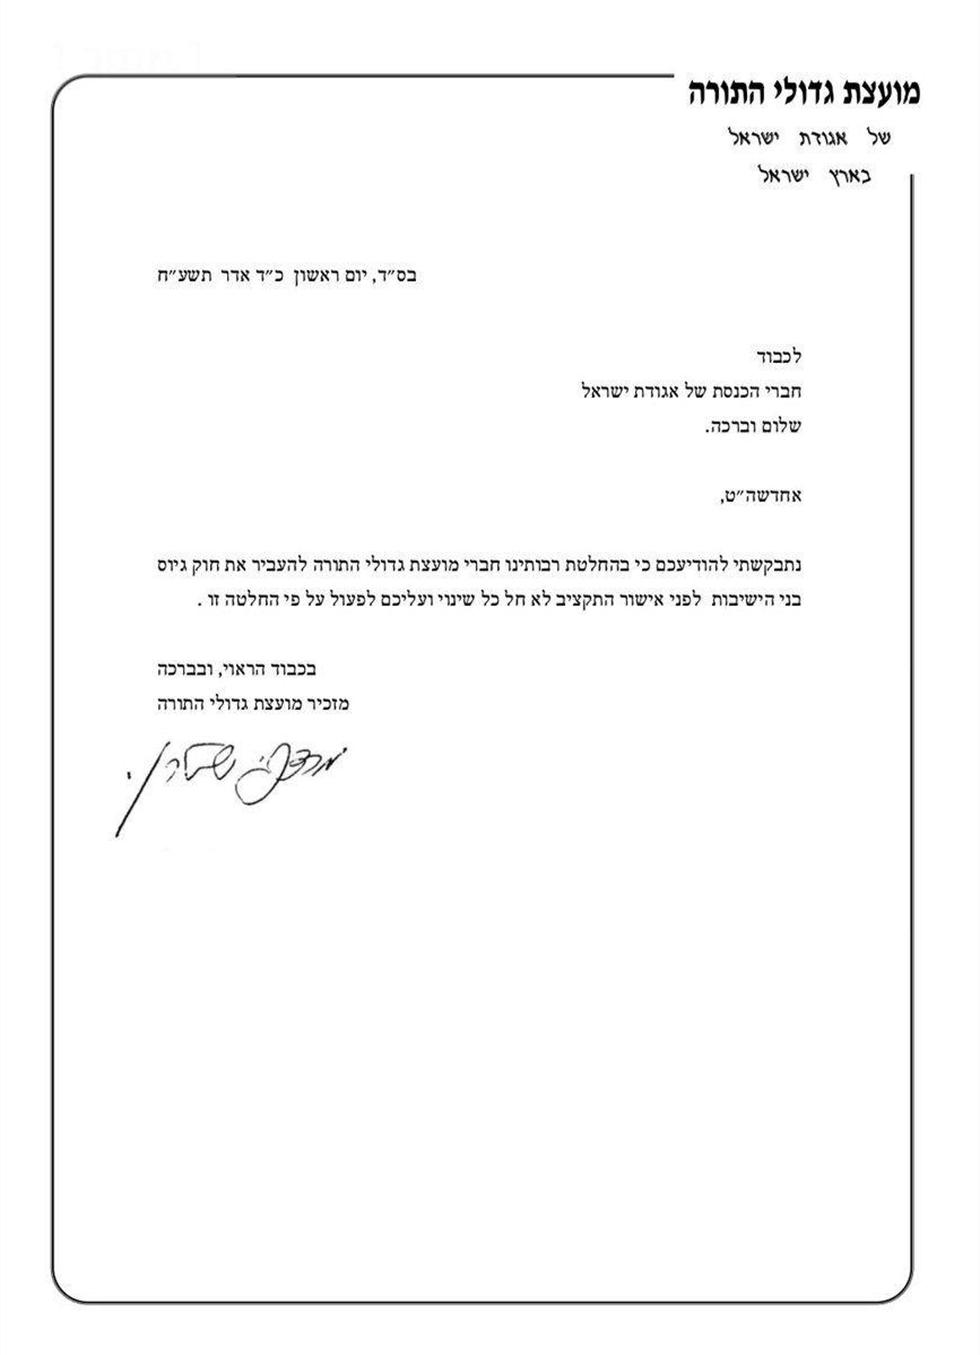 המכתב ממועצת גדולי התורה